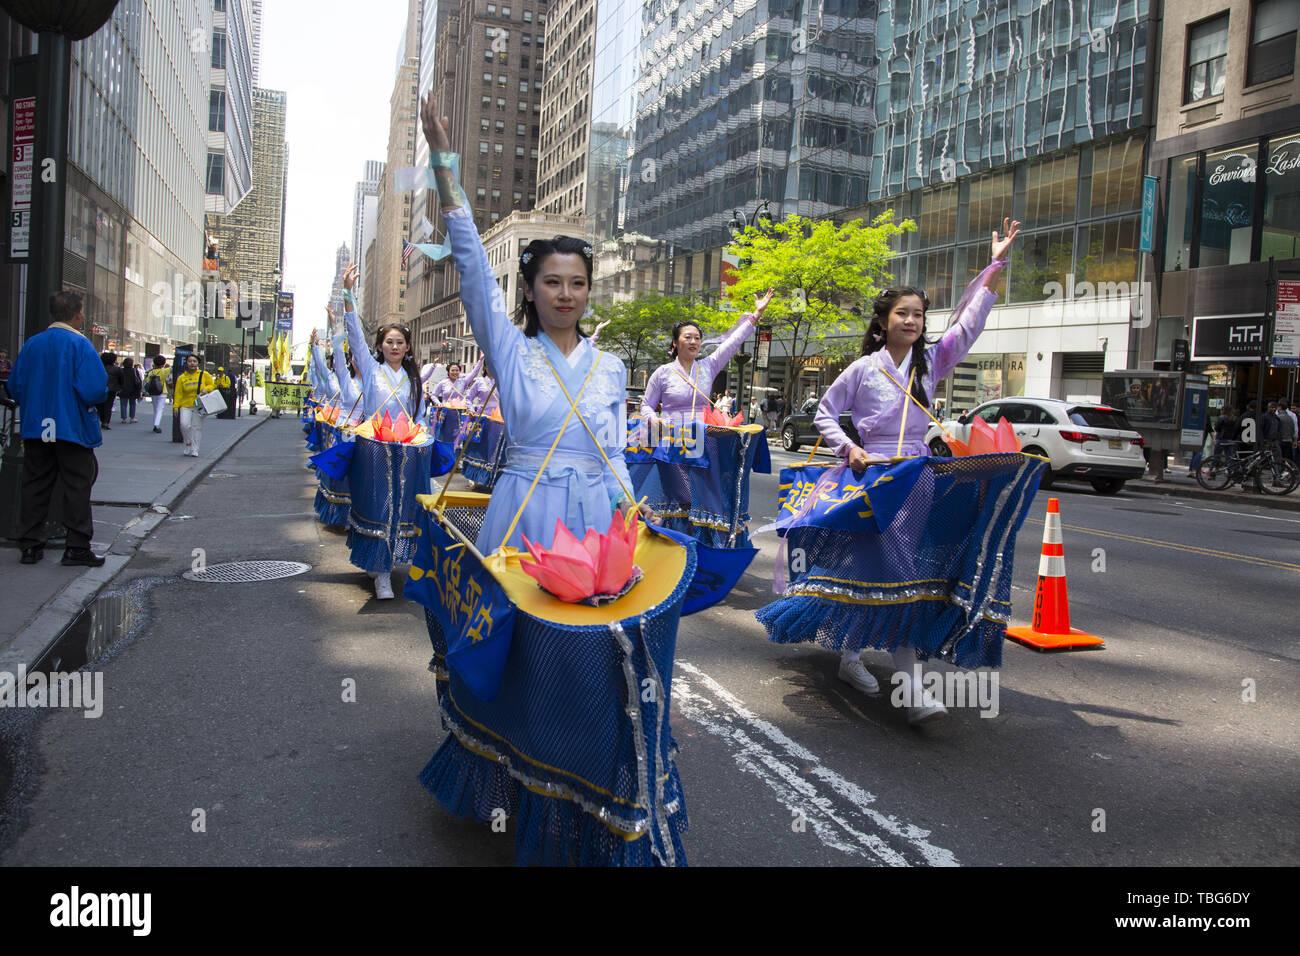 Membri internazionali del Falun Dafa marzo dall'ONU per il Consolato Cinese in NYC chiedono la fine della persecuzione dei suoi membri in Cina. Falun Dafa anche Falun Gong Standard cinese mandarino: [fàlwə̌n tâfà]; letteralmente, 'Ruota harma pratica' o 'legge pratica ruota') è una religiosa cinese pratica spirituale che combina la meditazione e esercizi di Qigong con una filosofia morale centrata sui principi della veridicità, la compassione e la sopportazione (cinese: 真、善、忍). La pratica sottolinea la moralità e la coltivazione della virtù e la identifica come una pratica di Qigong della schoo buddista Immagini Stock